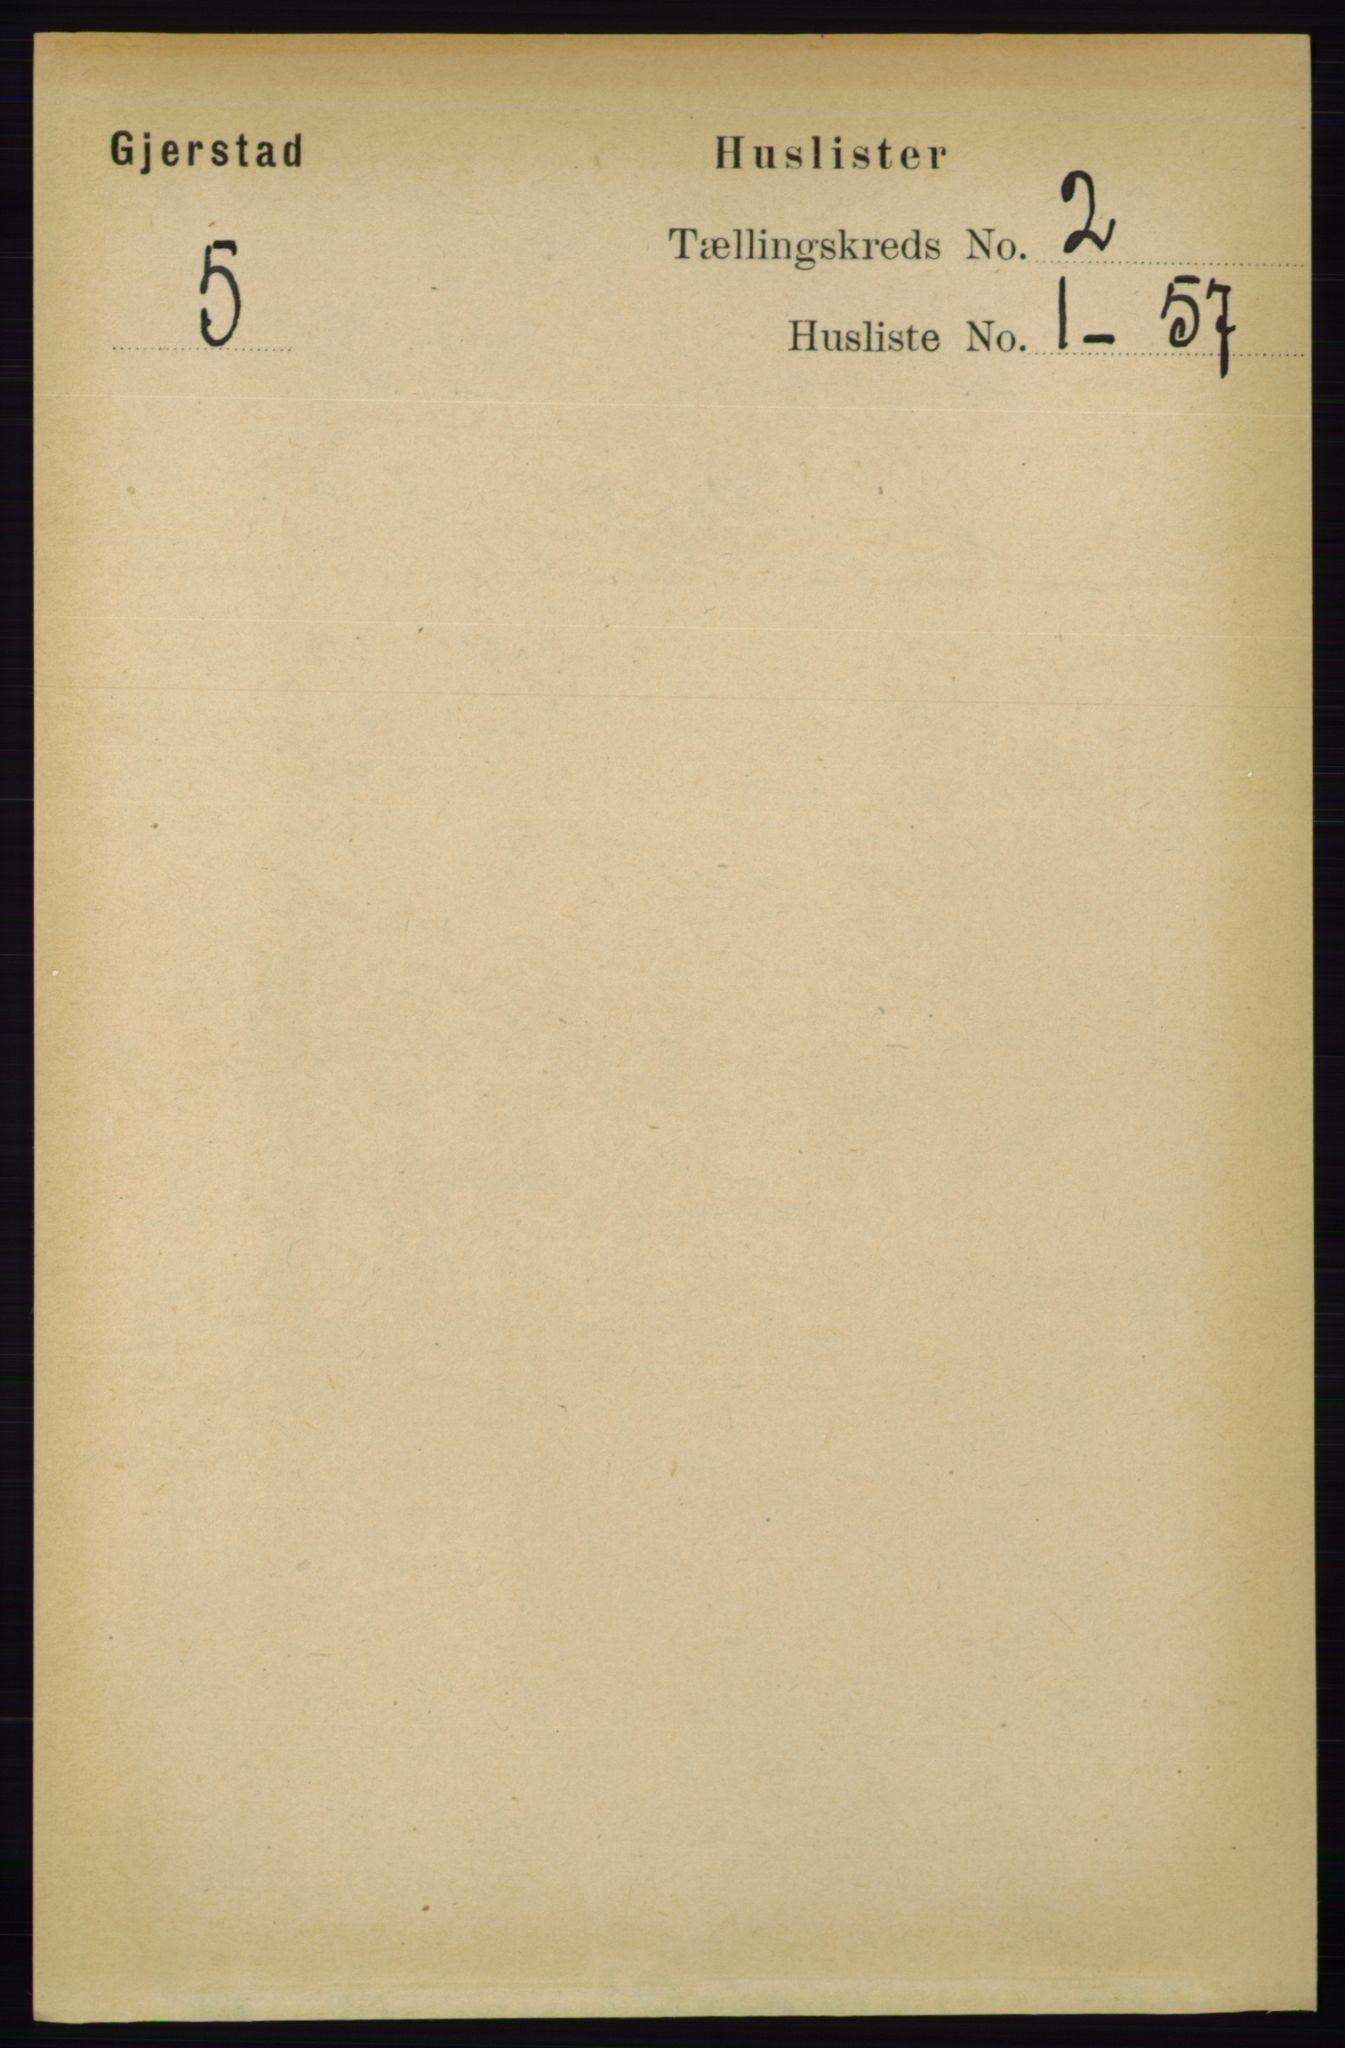 RA, Folketelling 1891 for 0911 Gjerstad herred, 1891, s. 593